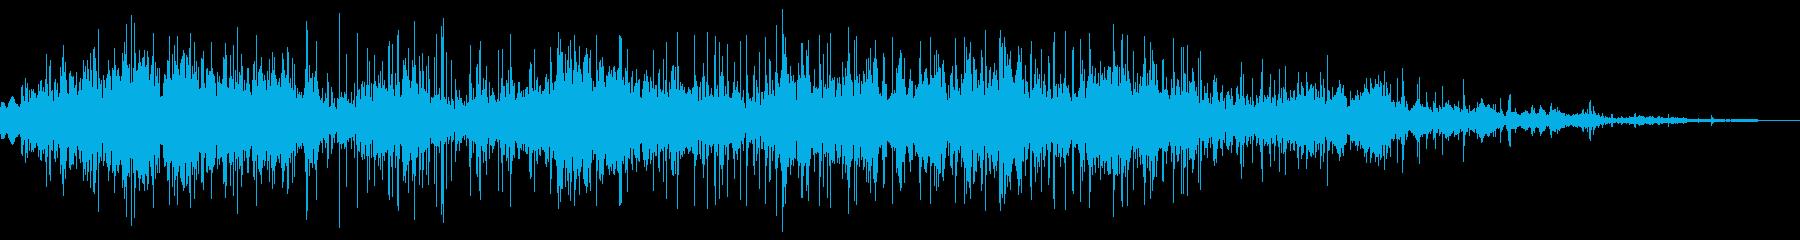 スライディング(砂利の上)の再生済みの波形